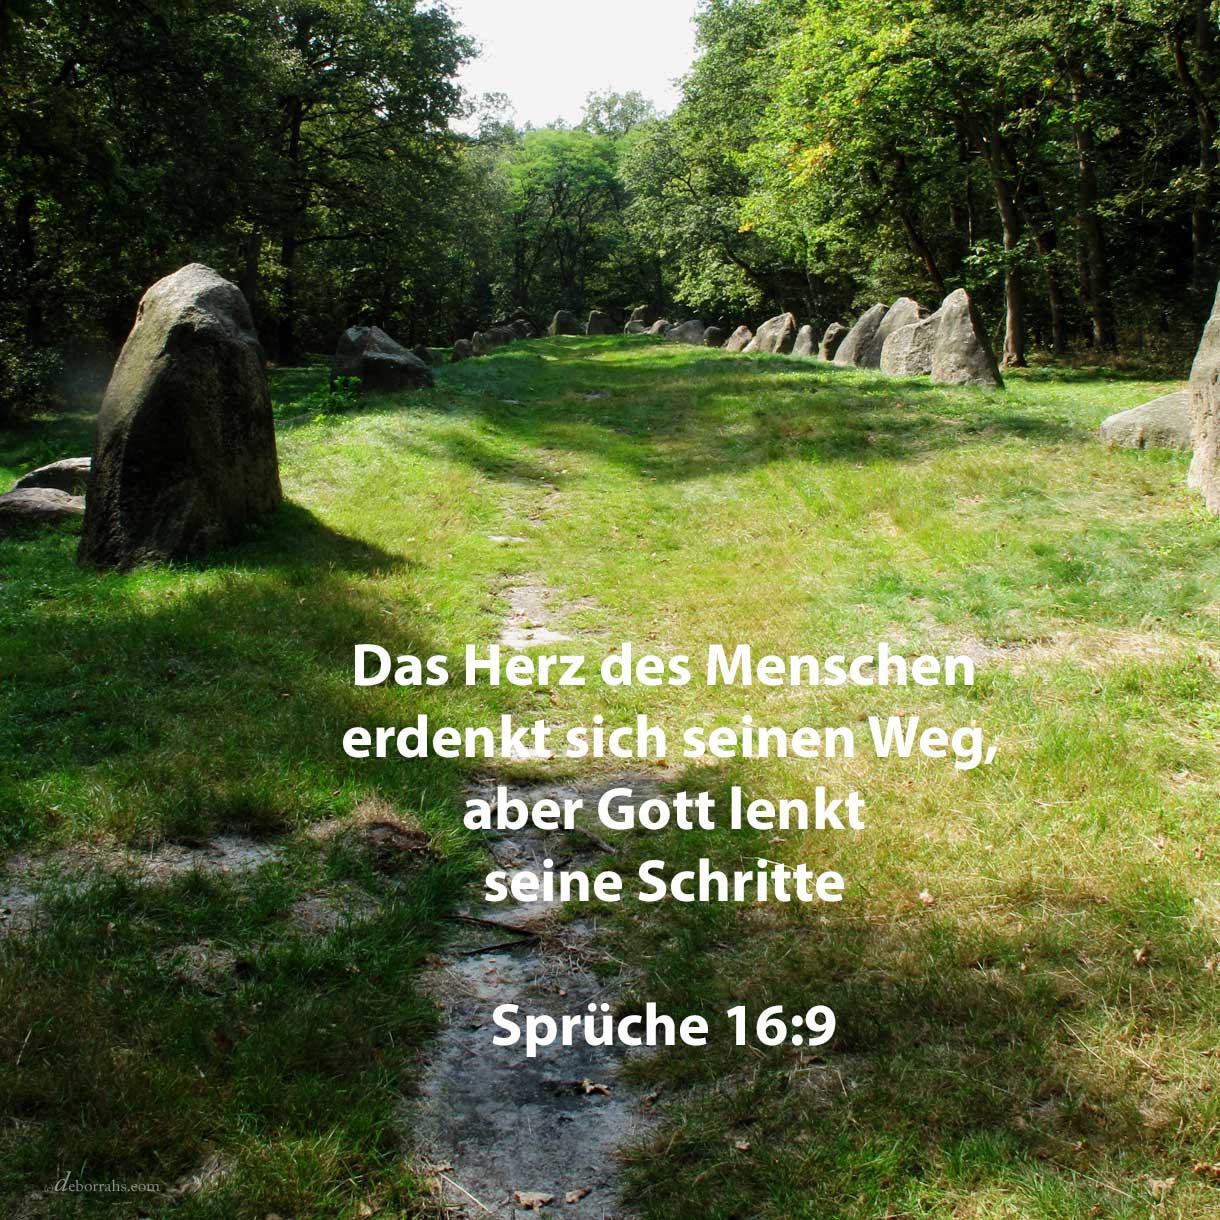 Das Herz des Menschen erdenkt sich seinen Weg, aber jehova lenkt seine Schritte ( Sprüche 16,9 )